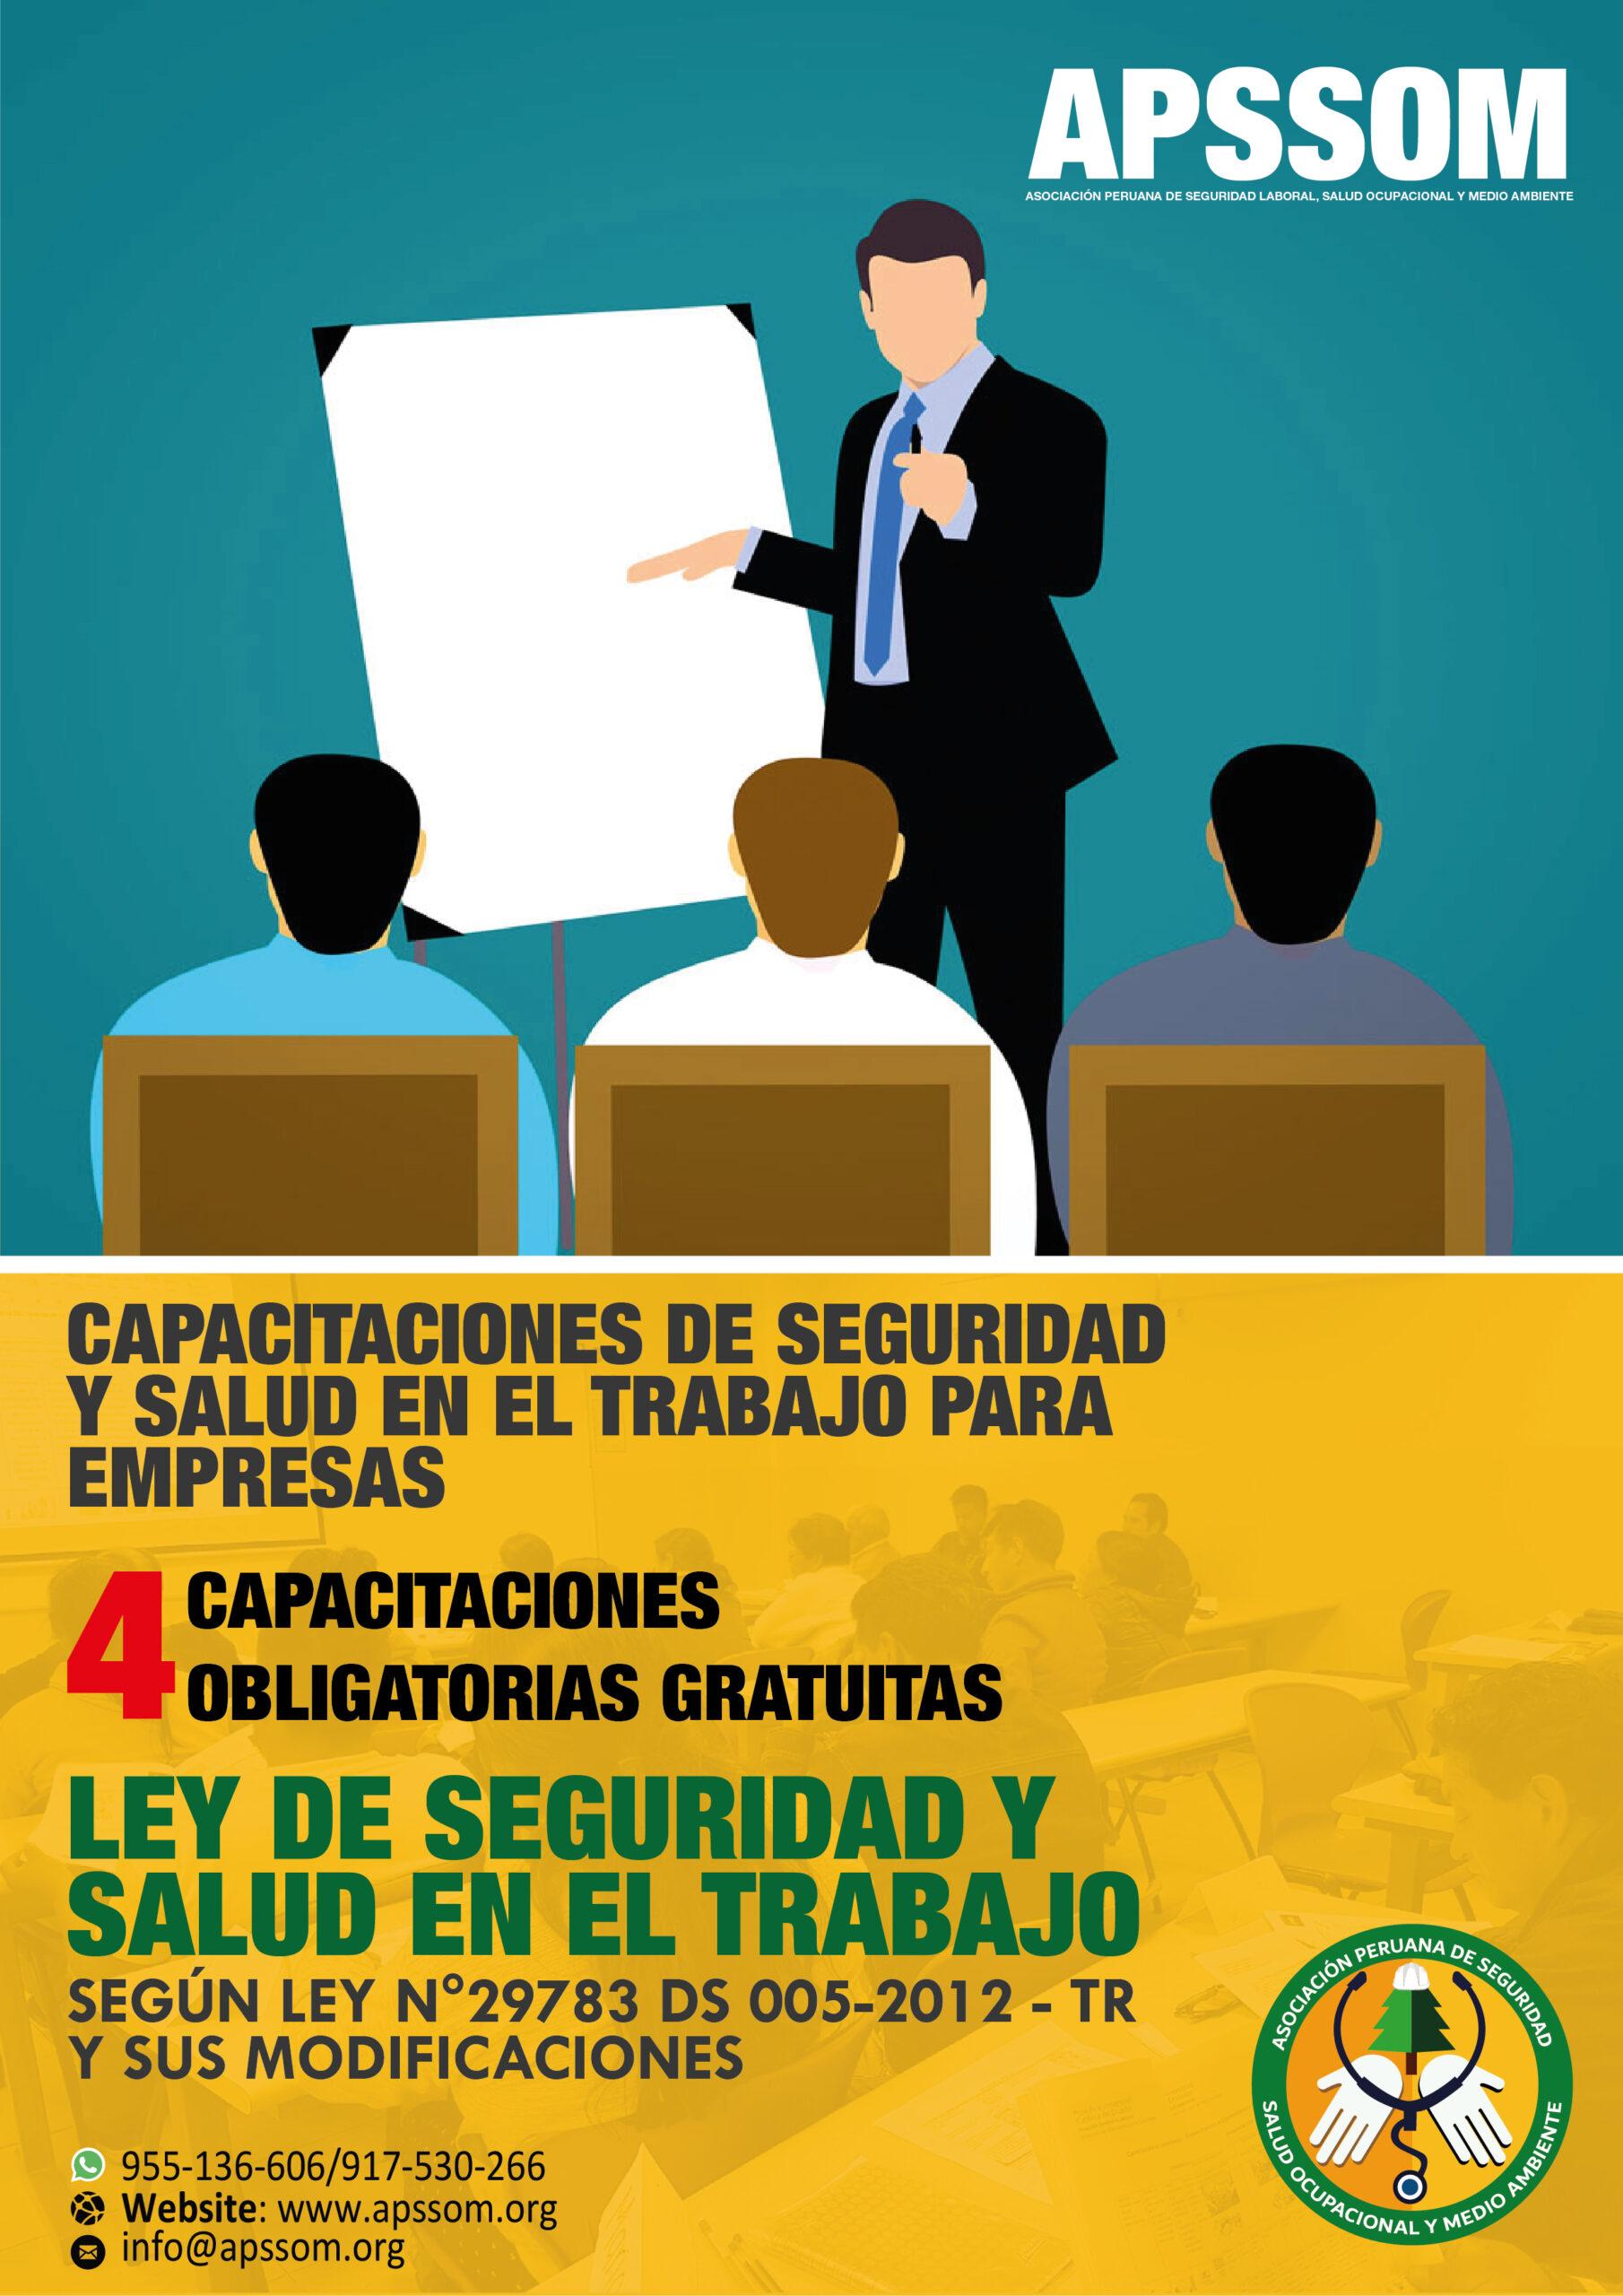 CAPACITACIONES GRATUITAS PARA EMPRESAS CONFORME A LA LEY N.º 29783 – SST